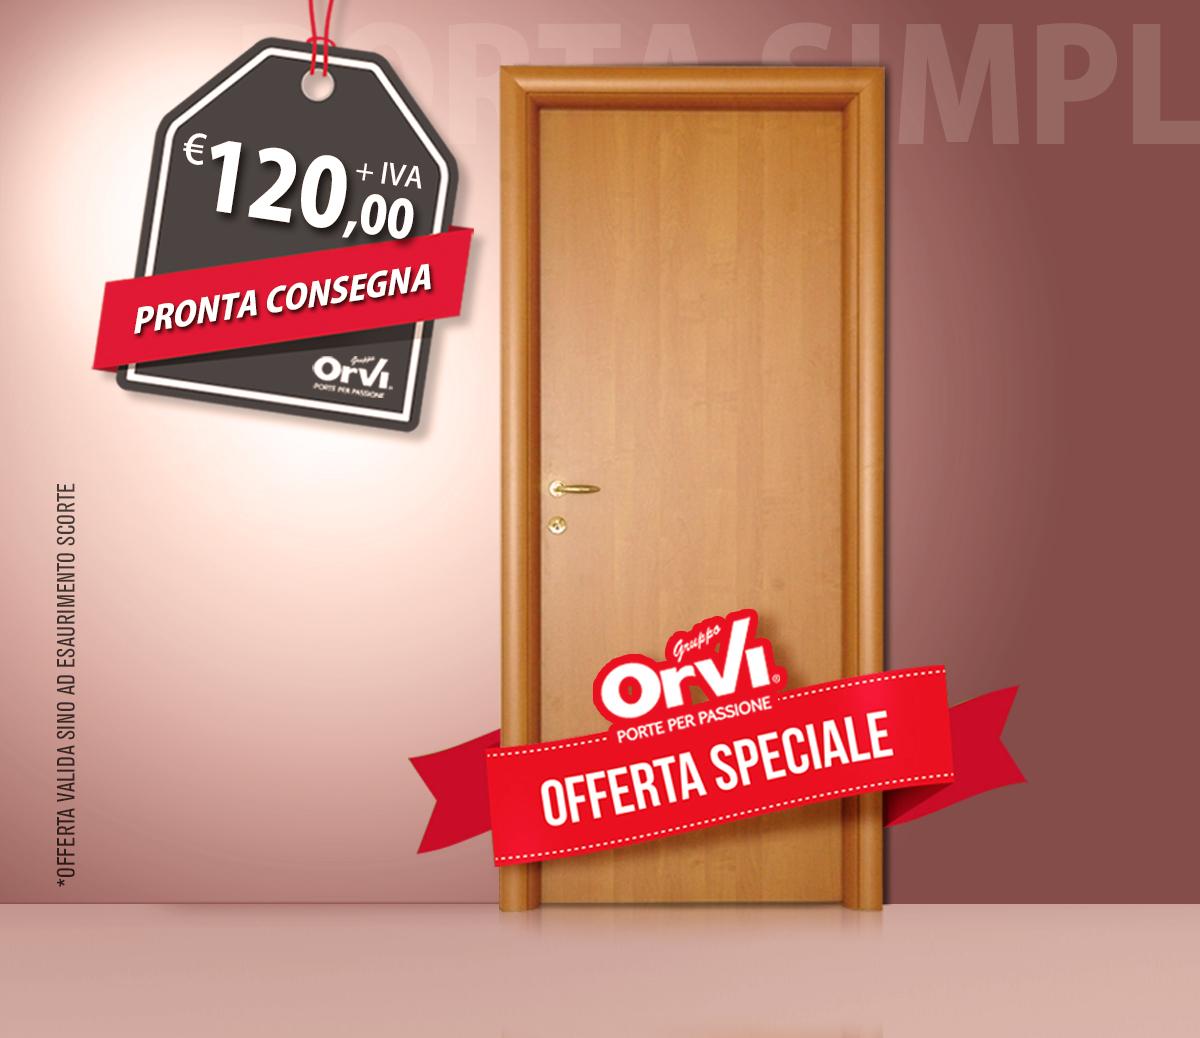 Porta liscia in laminato - In offerta a soli € 120,00 + IVA - Orvi ...